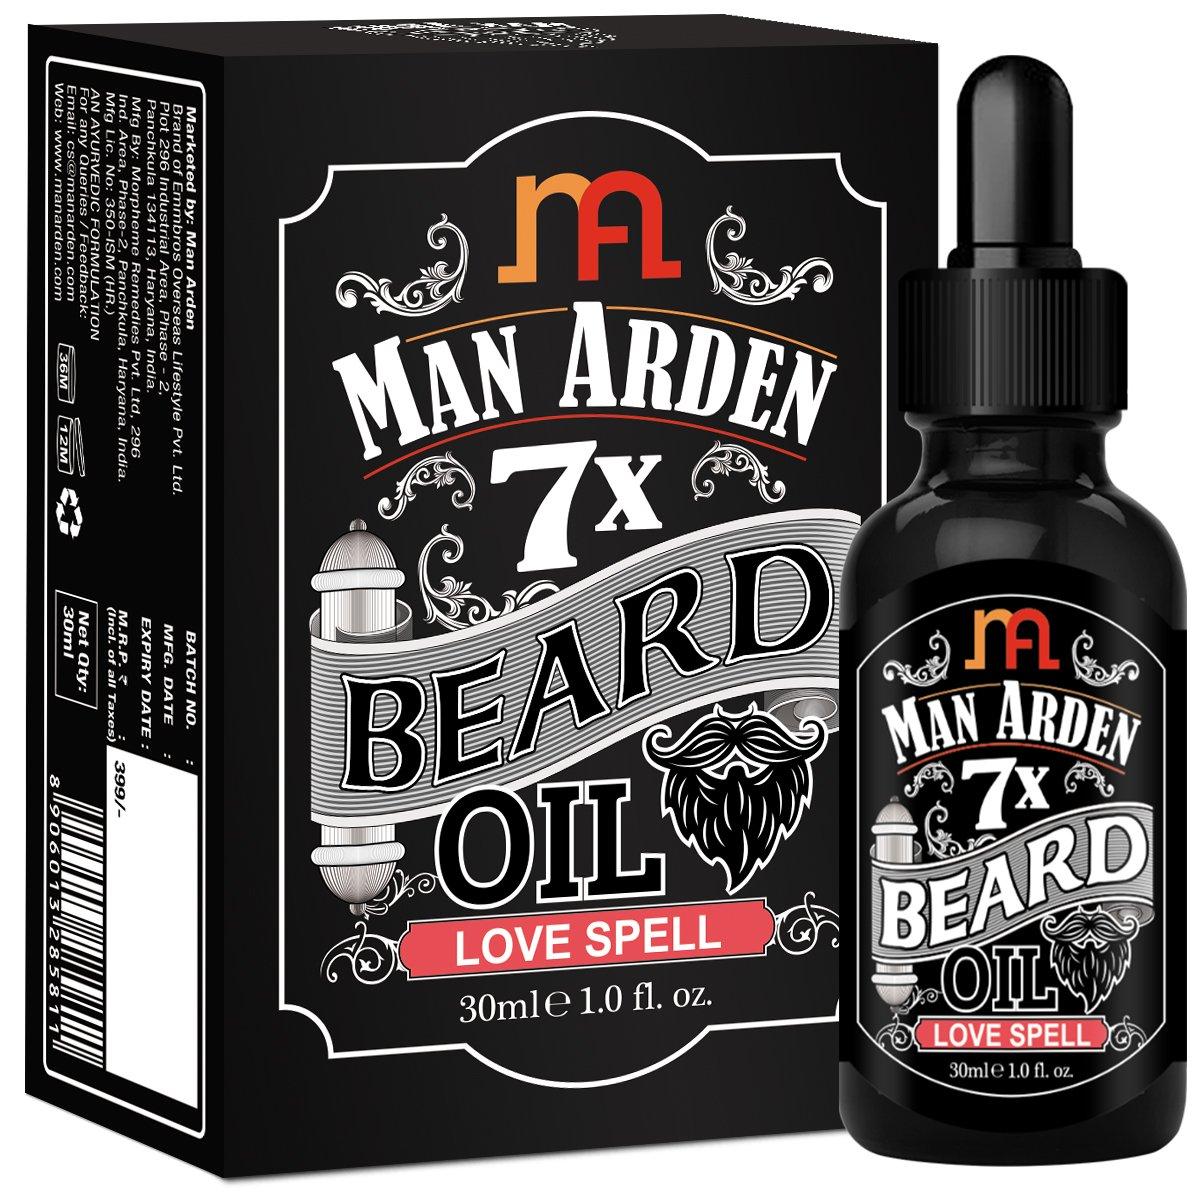 つば成功する政治的Man Arden 7X Beard Oil 30ml (Love Spell) - 7 Premium Oils Blend For Beard Growth & Nourishment